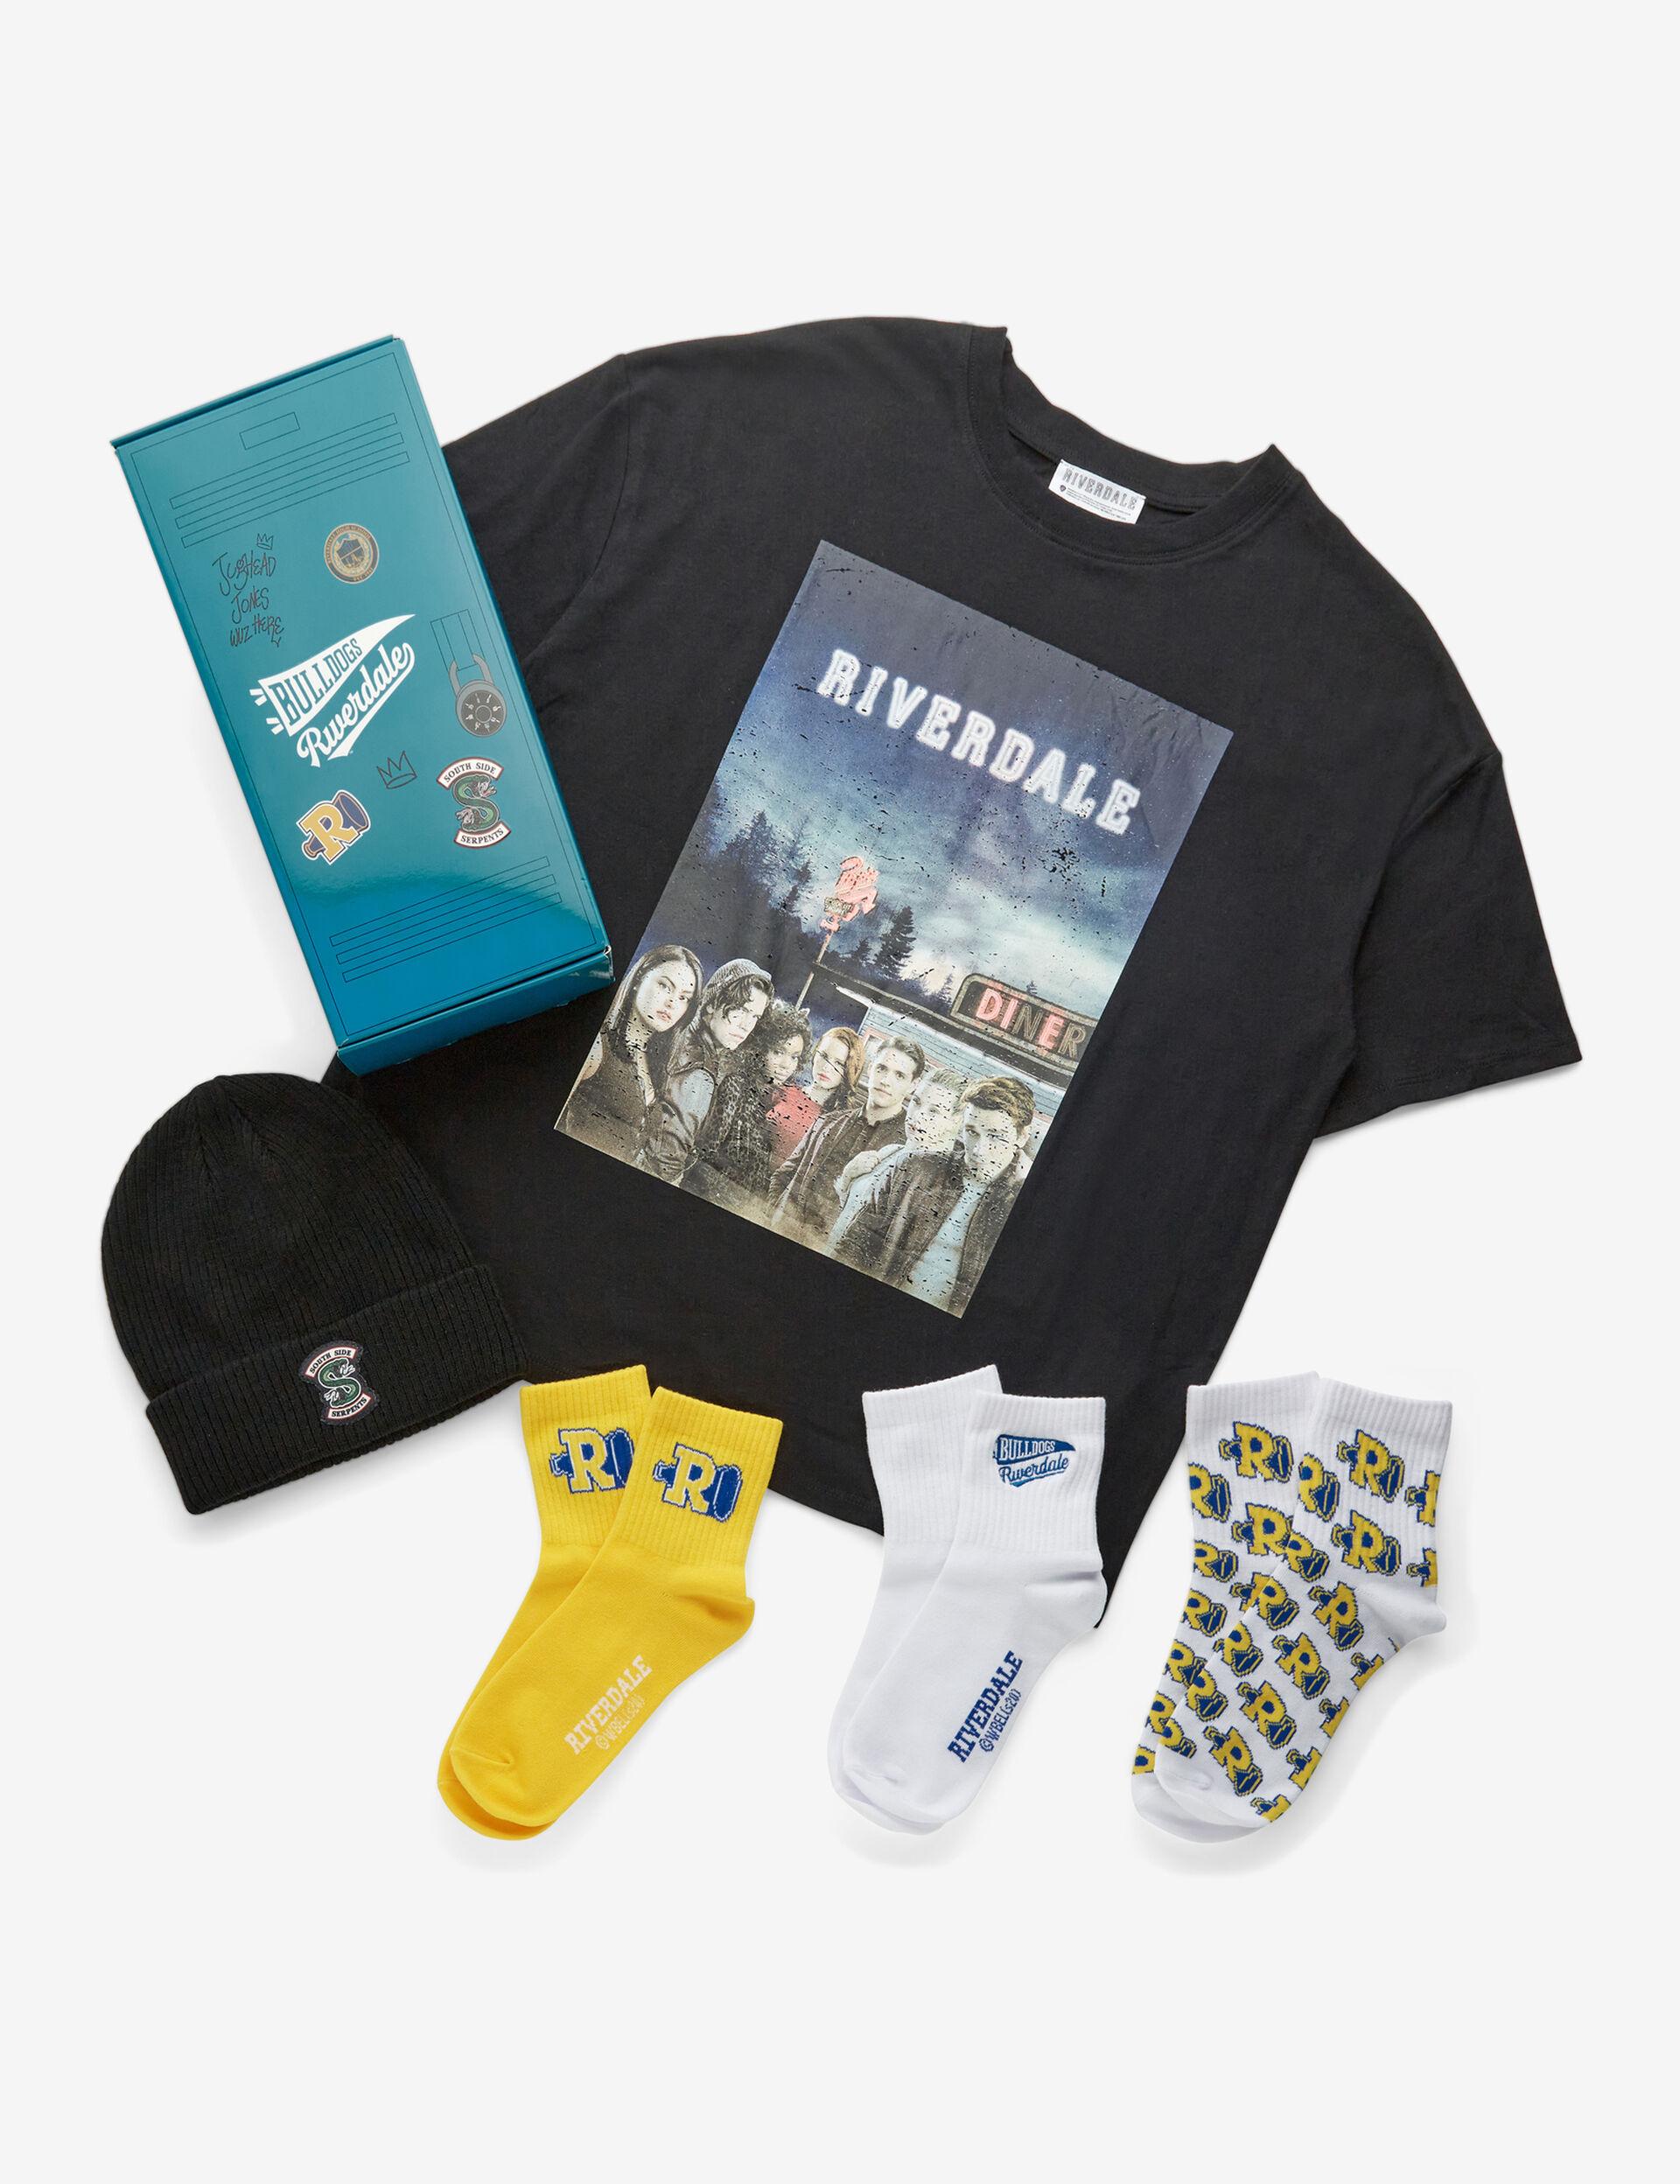 Box cadeau Riverdale